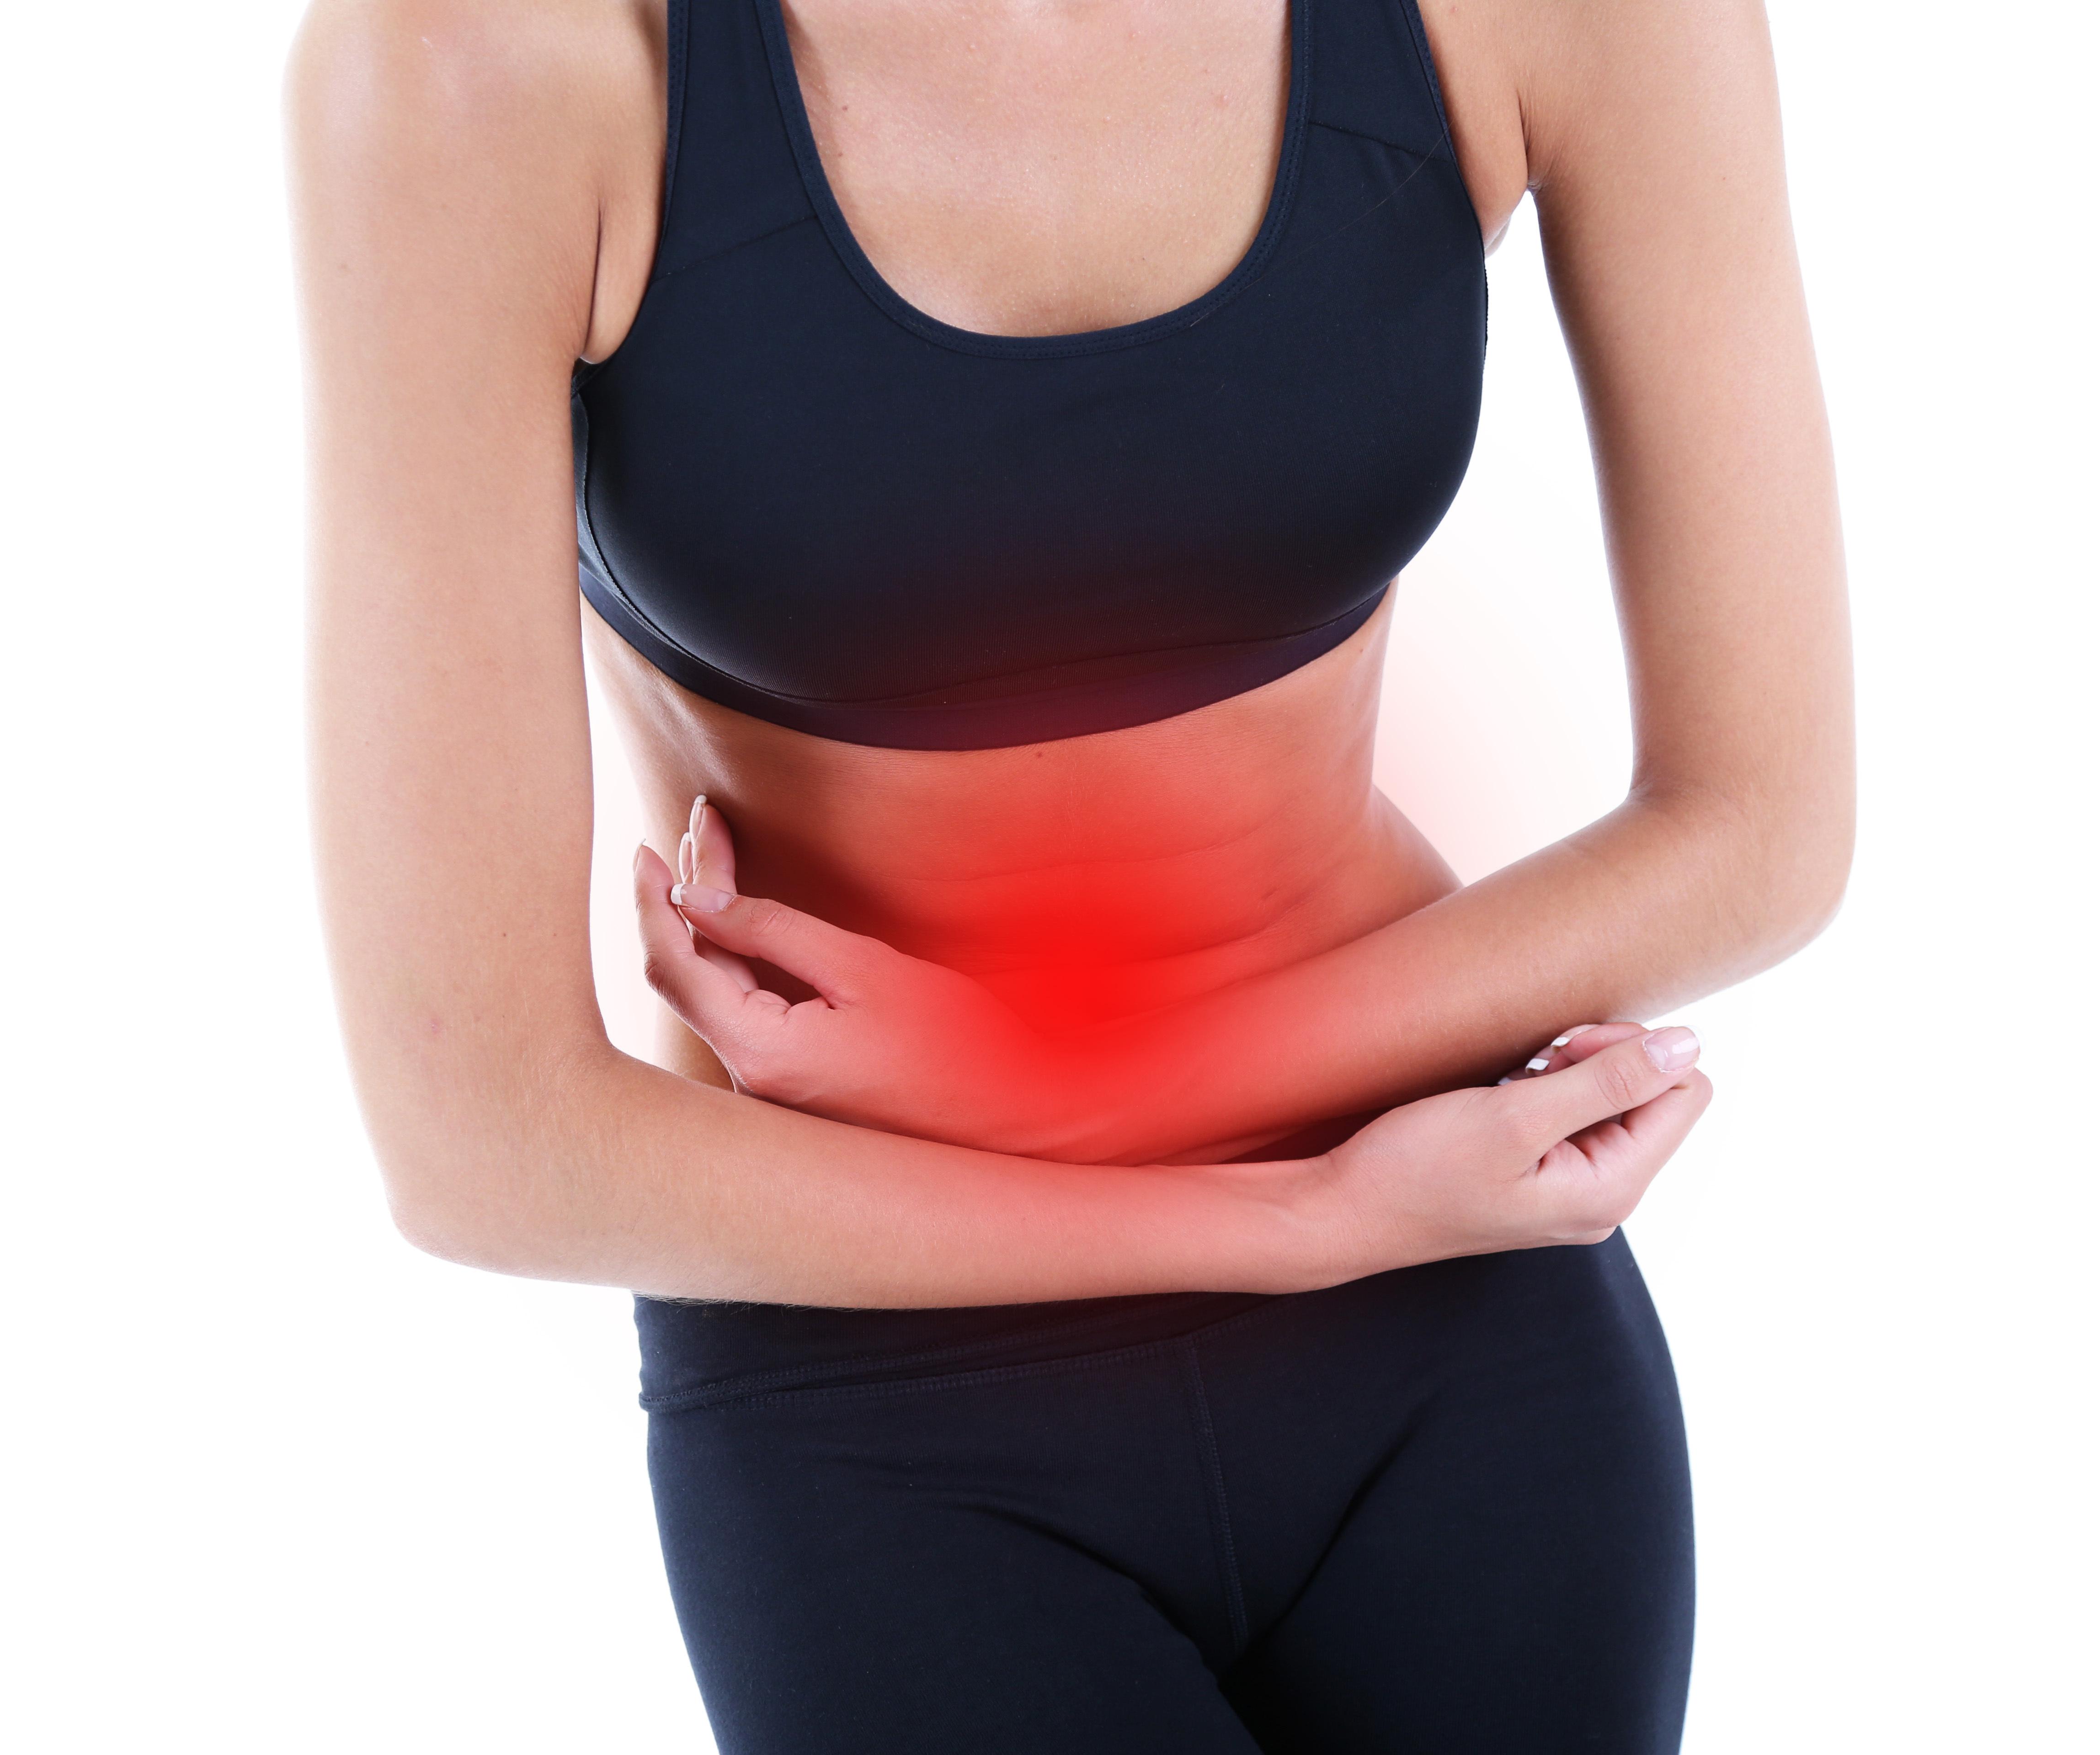 Inflammerade tarmfickor orsakar oftast smärta i nedre delen av magen.